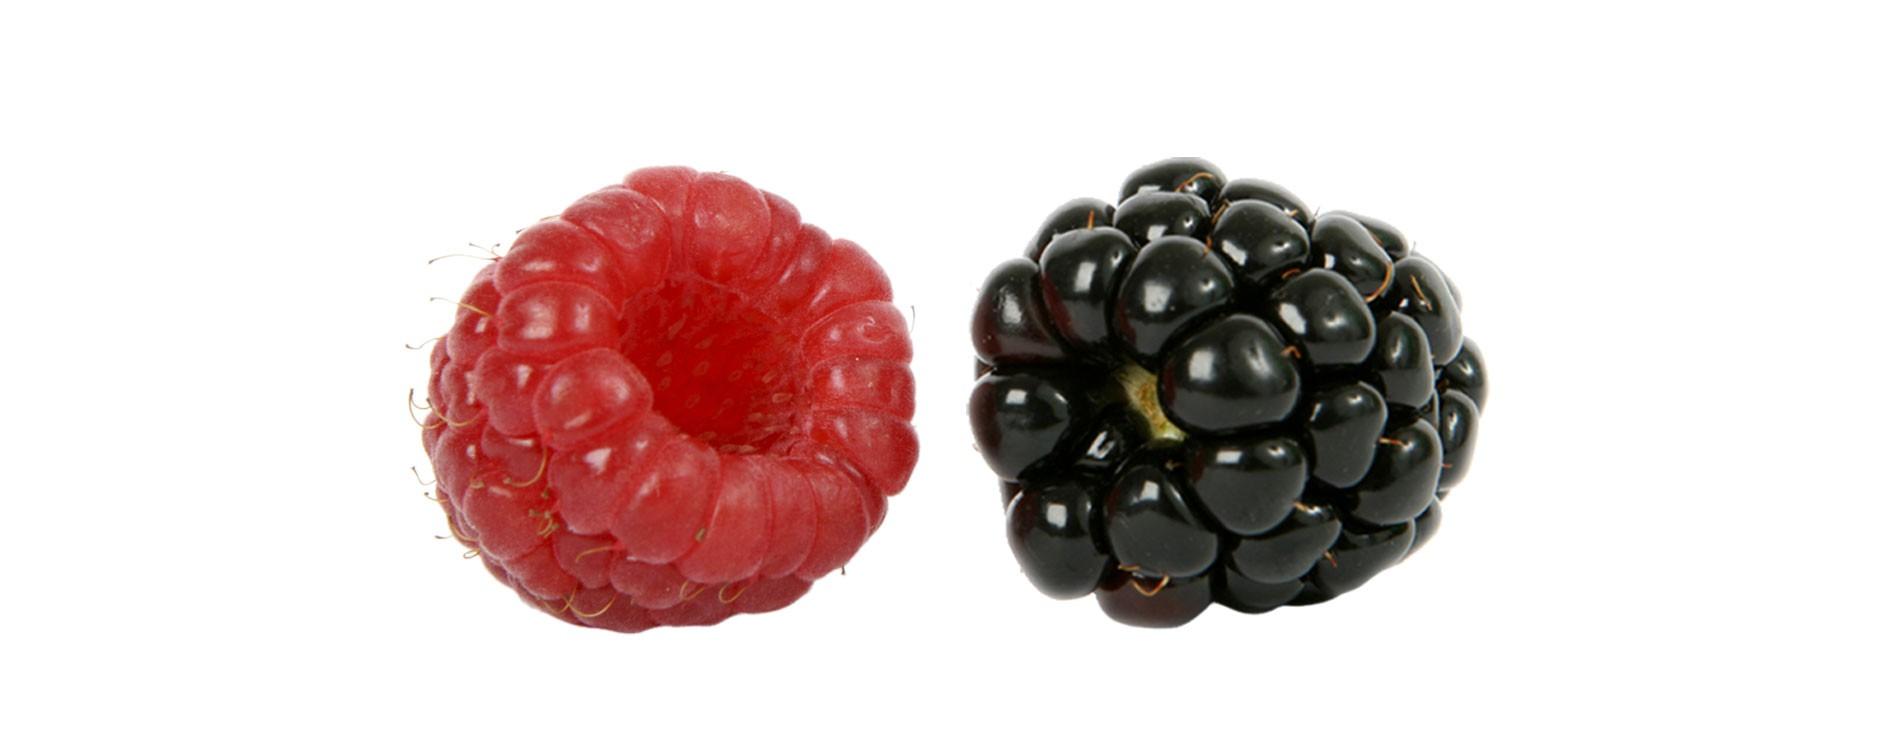 Fruta fresca distribuida en la industria